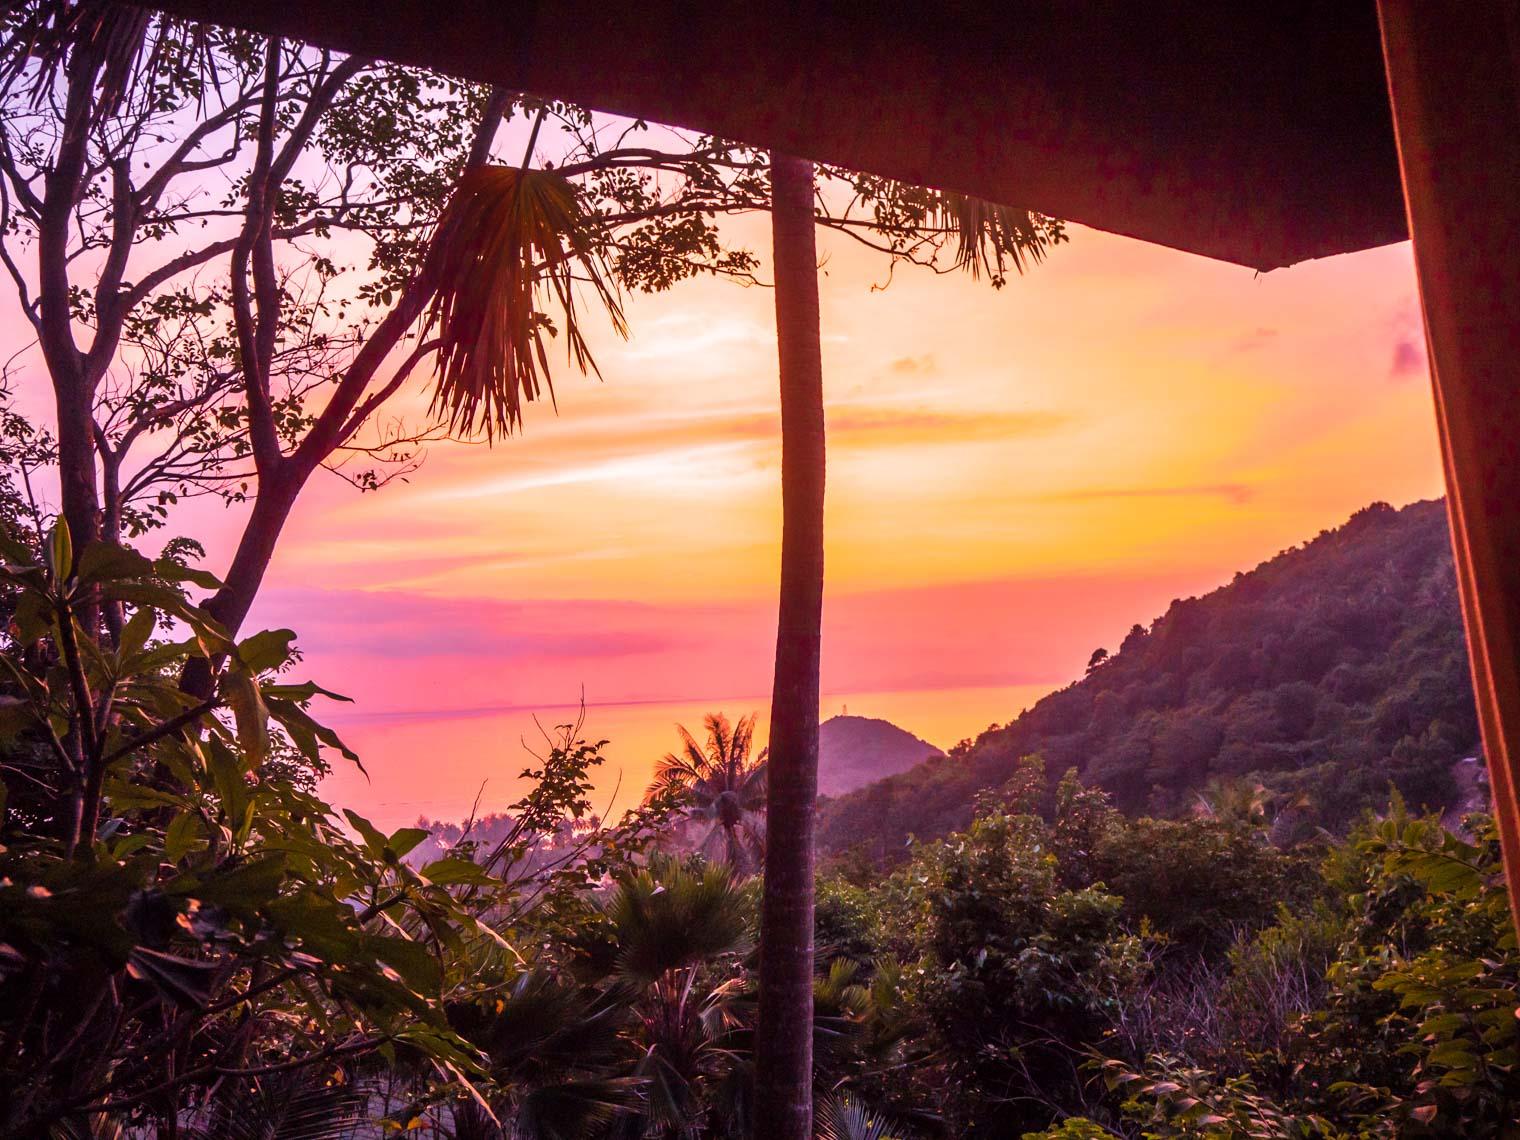 Sunset at Koh Samui Four Seasons hotel